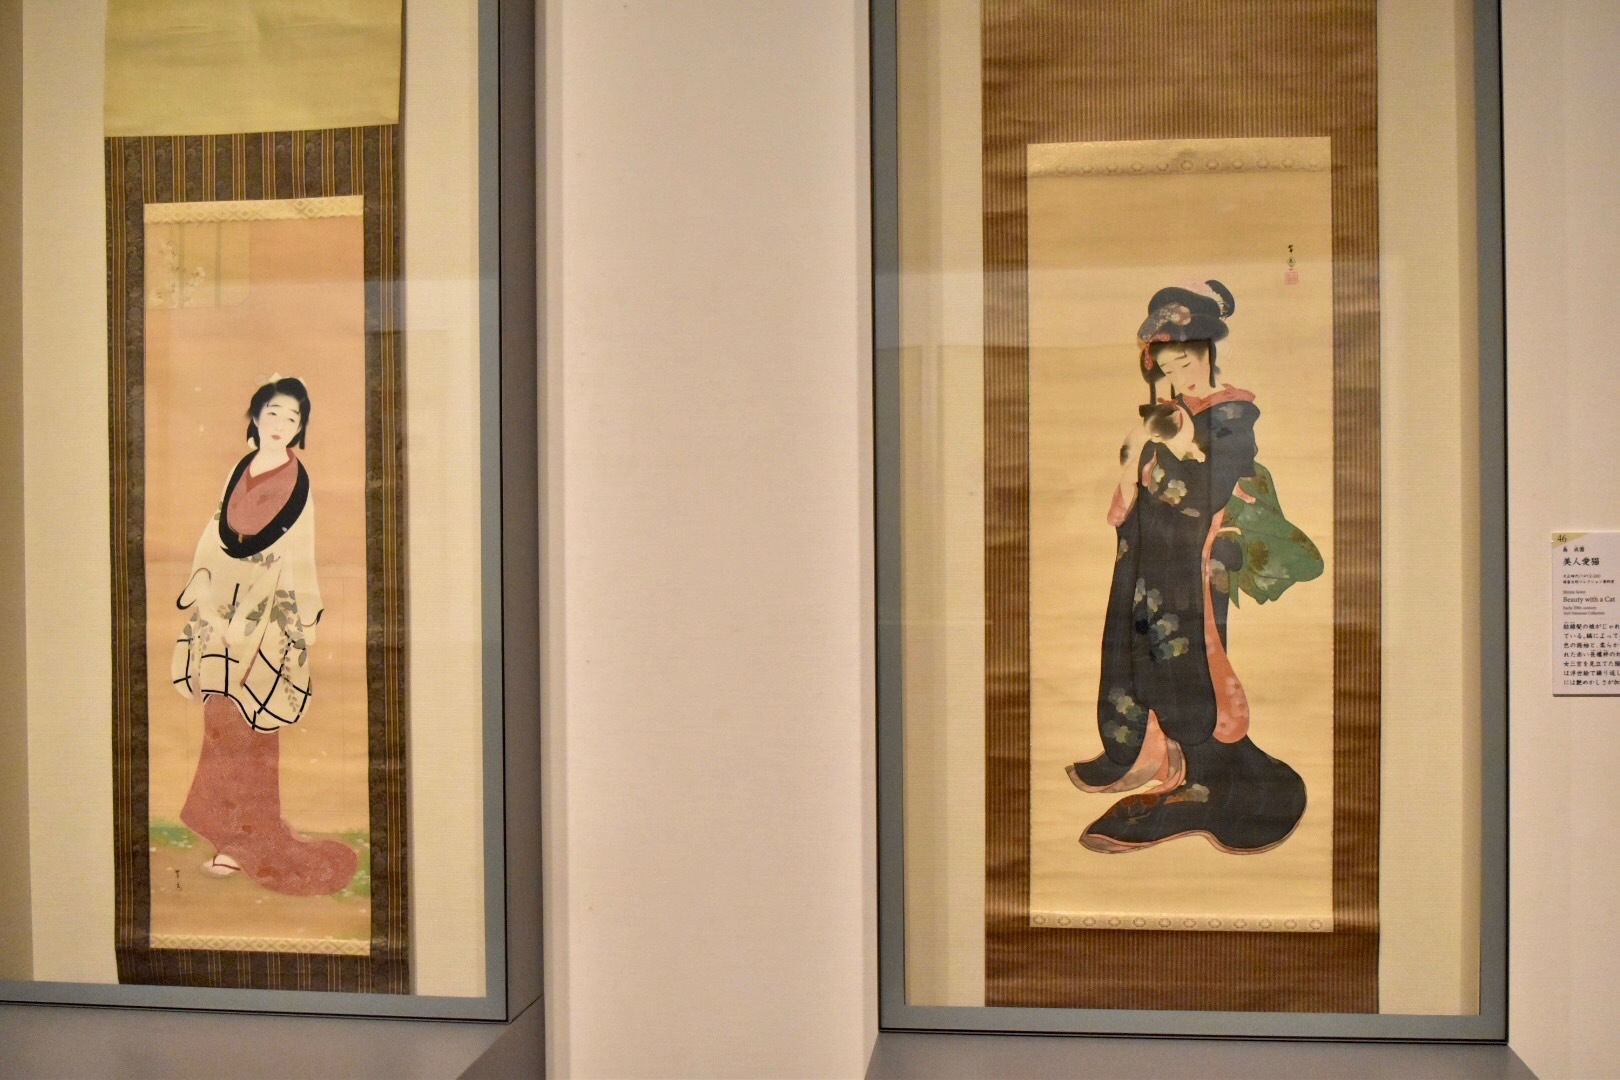 左:島成園 《春の愁い》 大正4年頃 福富太郎コレクション資料室蔵 右:島成園 《美人愛猫》 大正時代 福富太郎コレクション資料室蔵